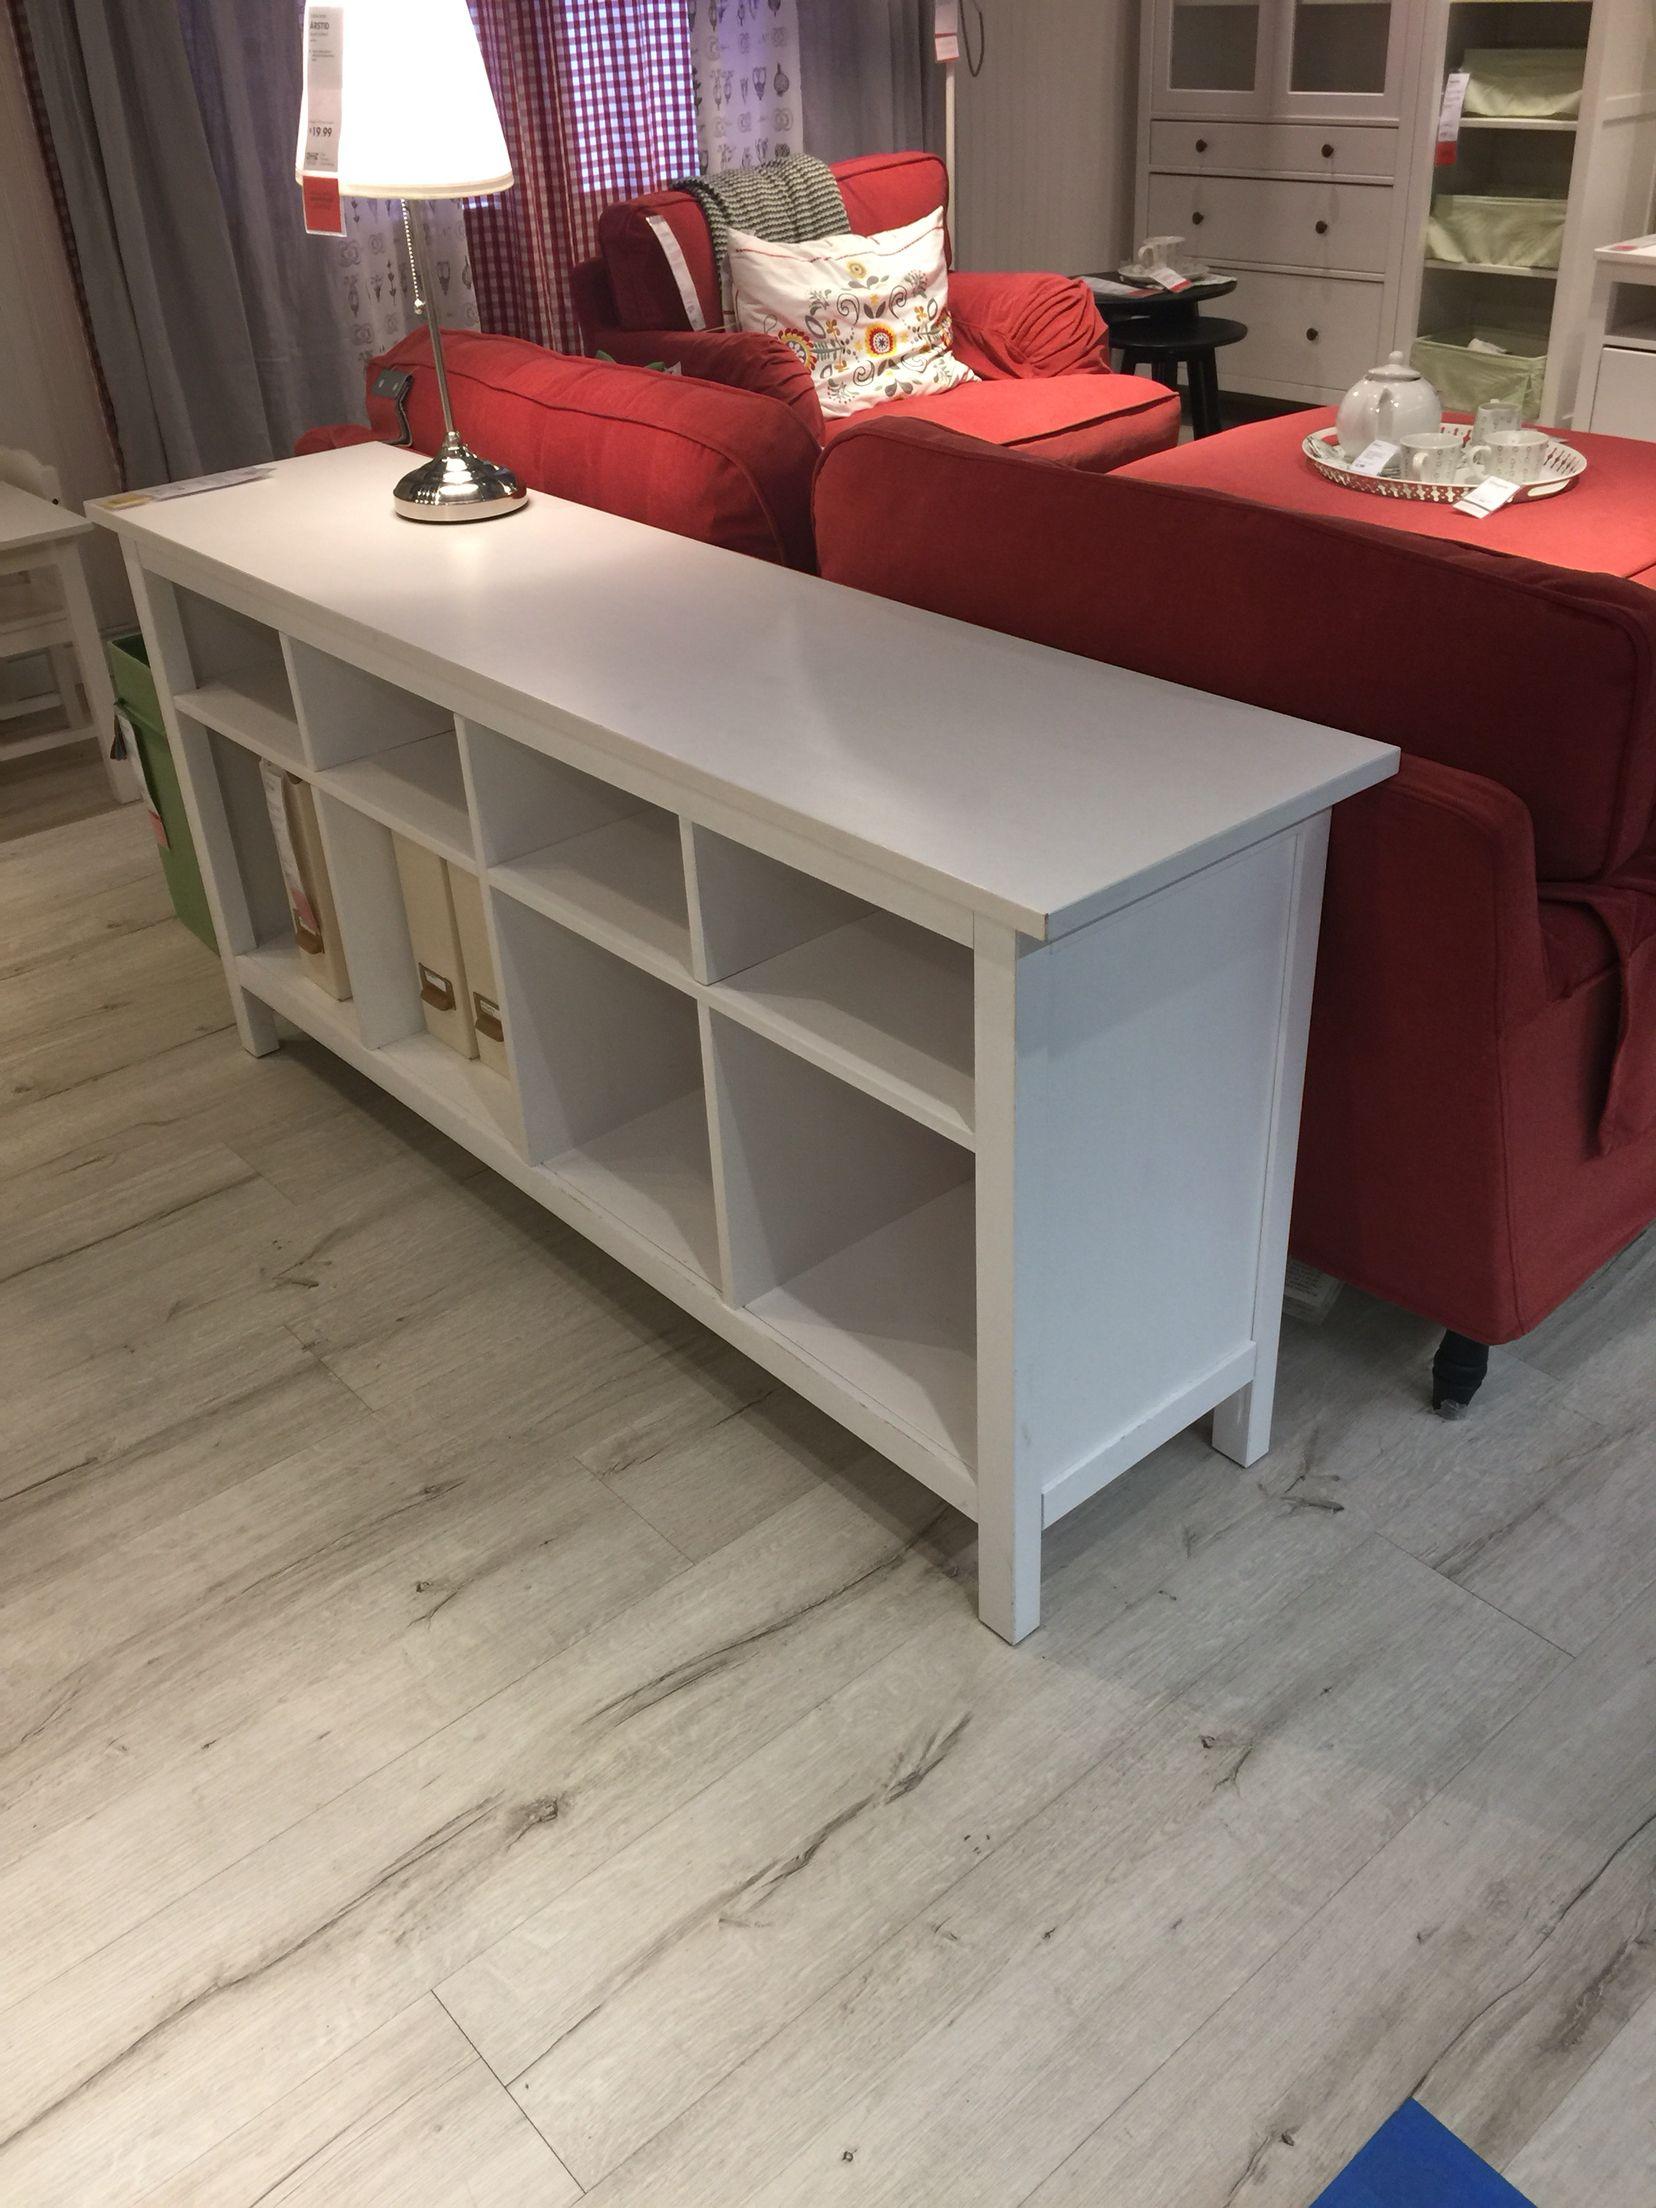 IKEA living room set up. | Ikea living room, Living room ...